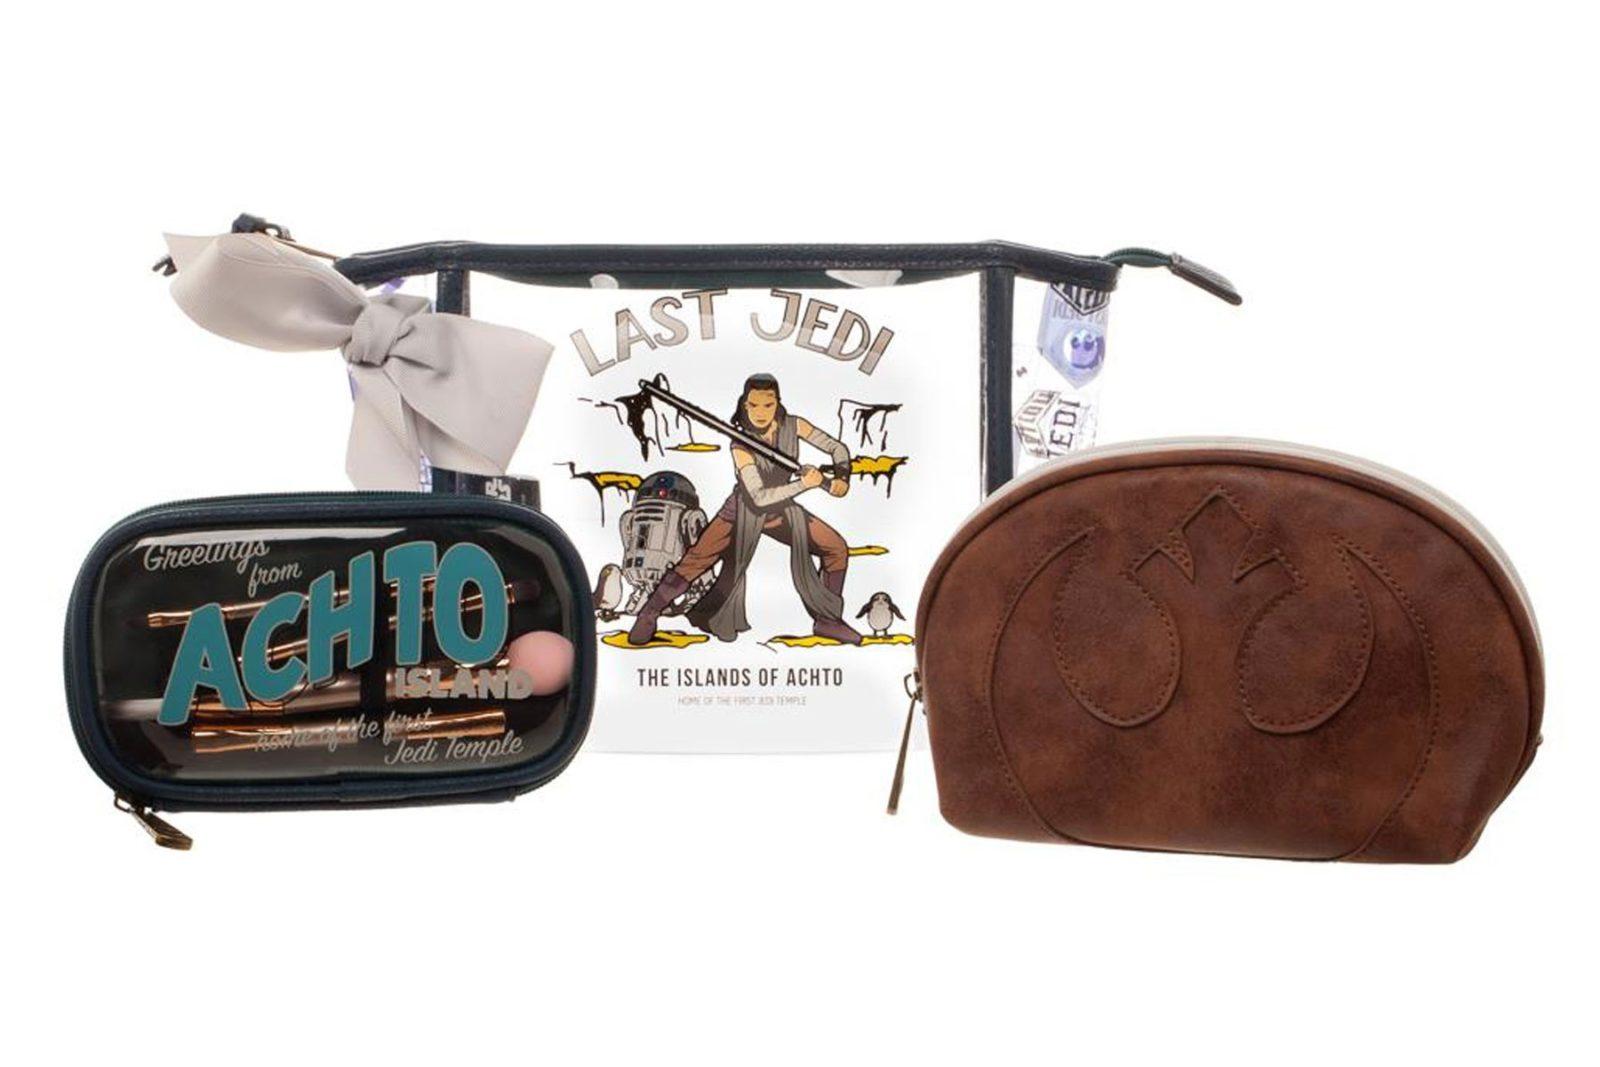 Star Wars The Last Jedi Cosmetic Bag Set